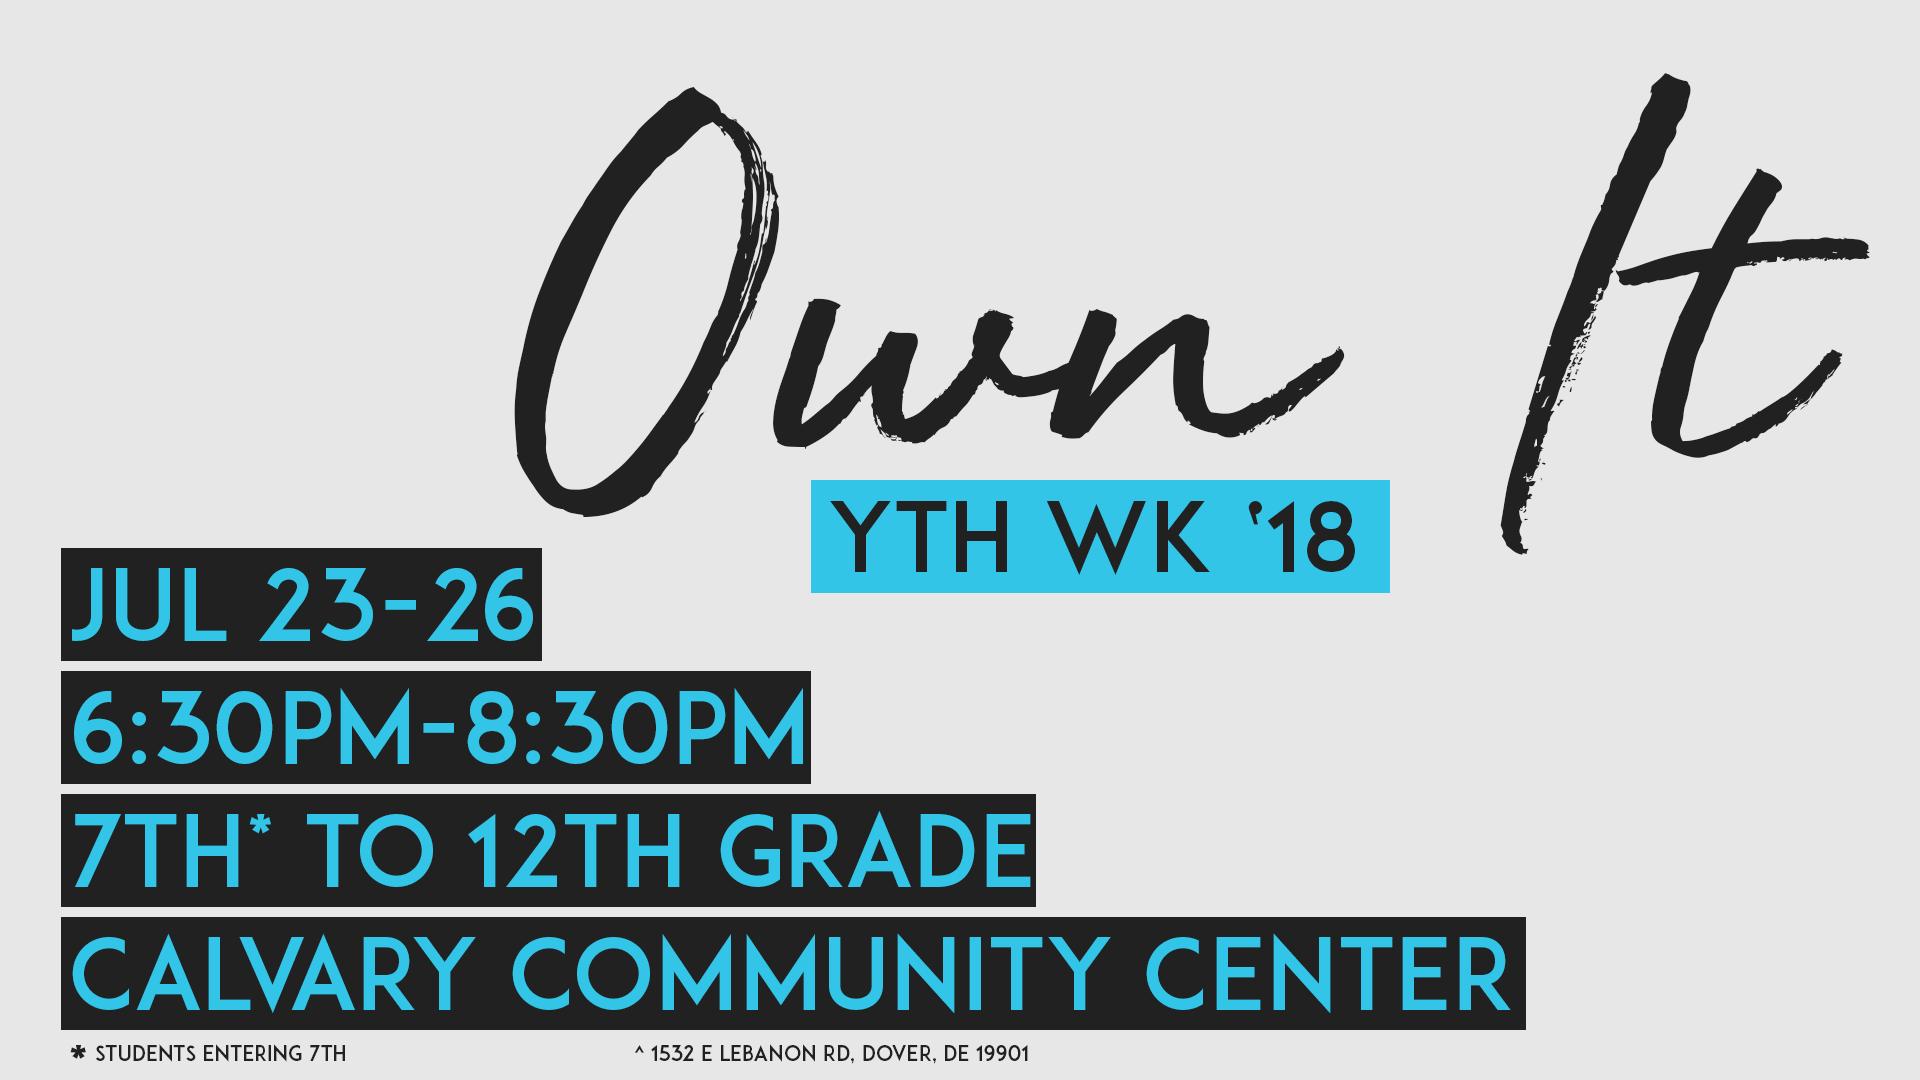 Own It - YTH WK '18 logo